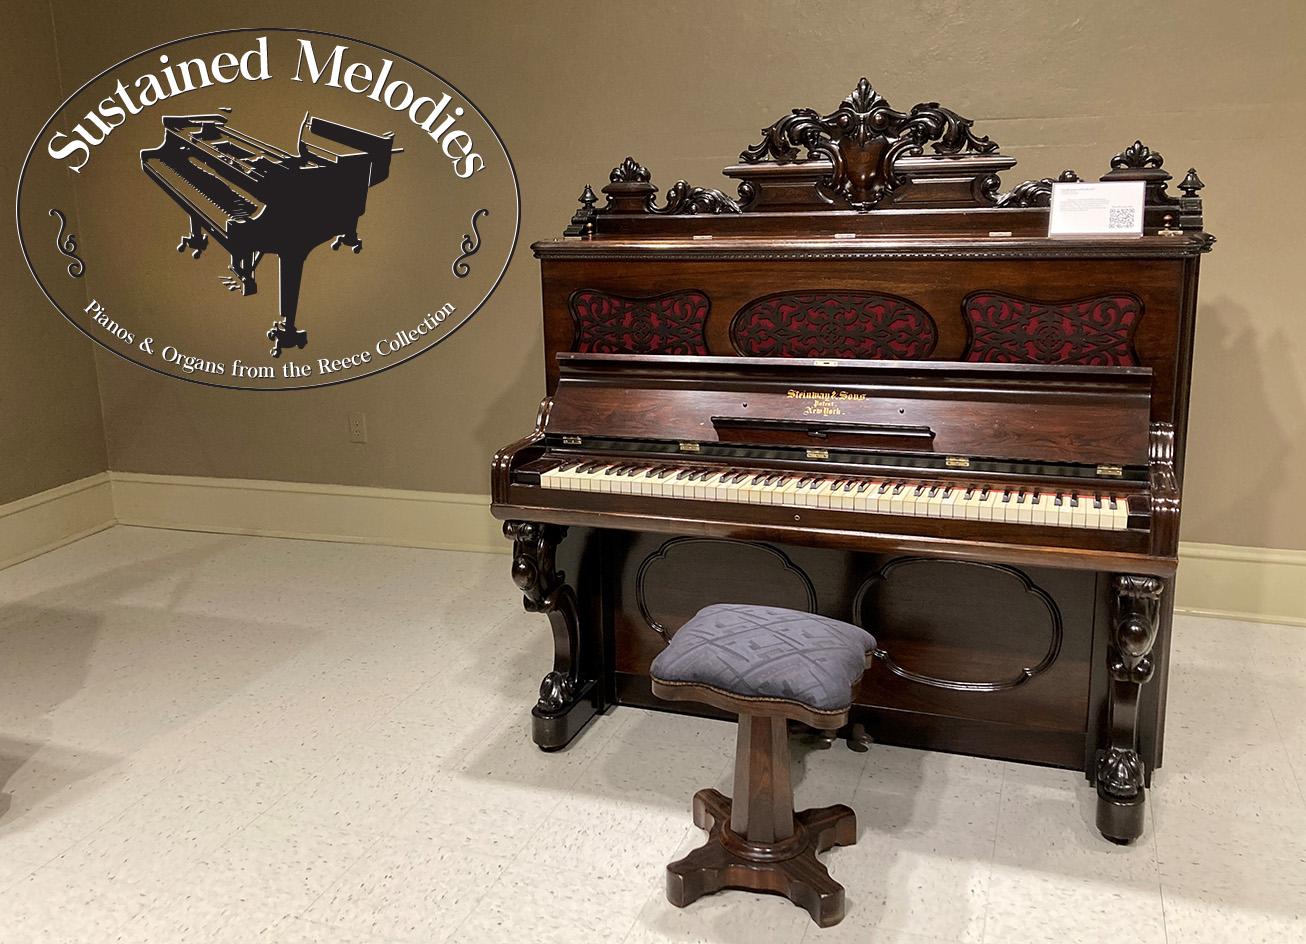 Piano and Organ Exhibit